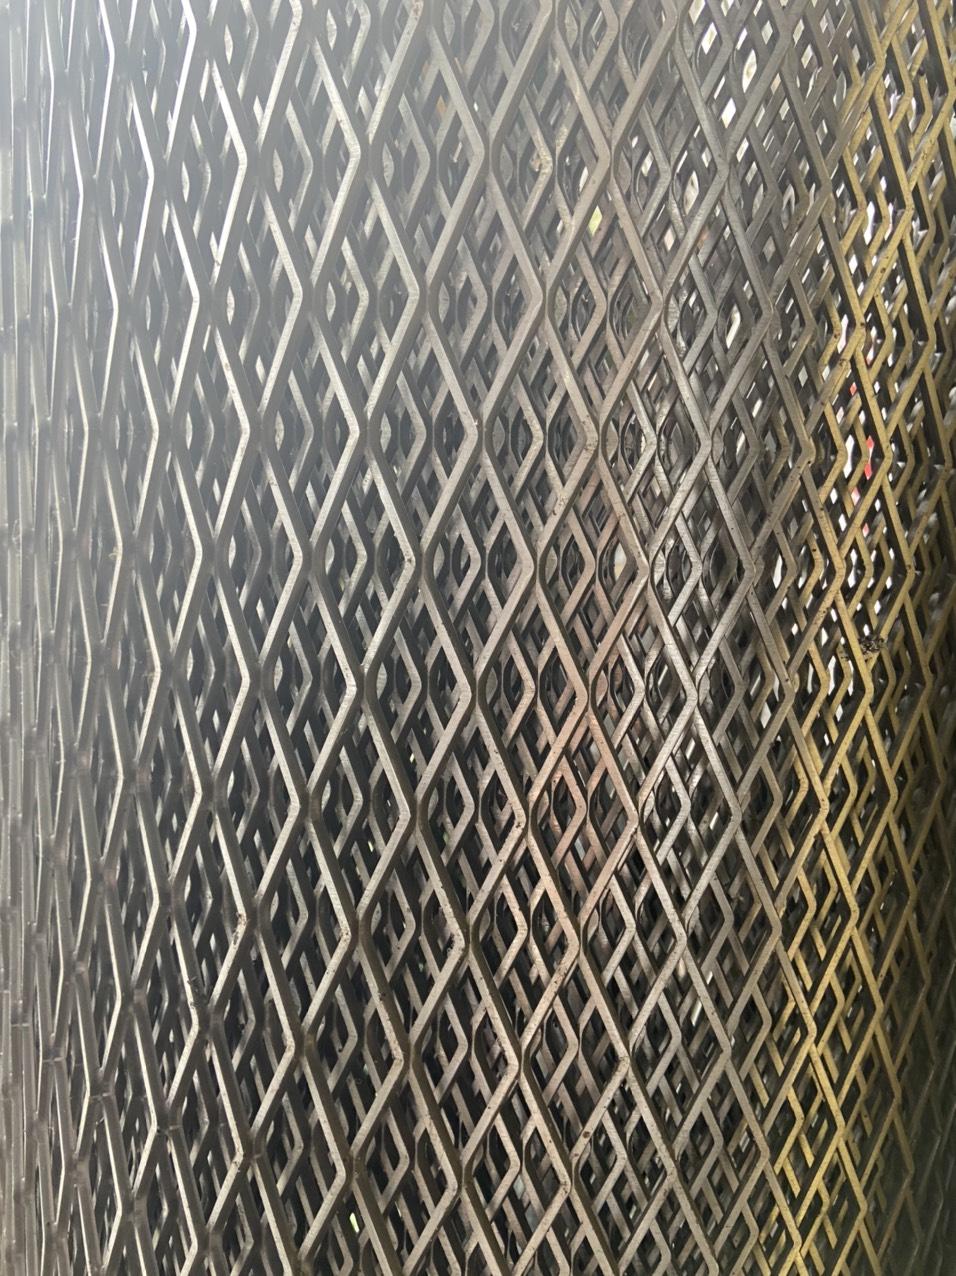 Lưới thép hình thoi mắt 30*60mm khổ 1m hàng có sẵn